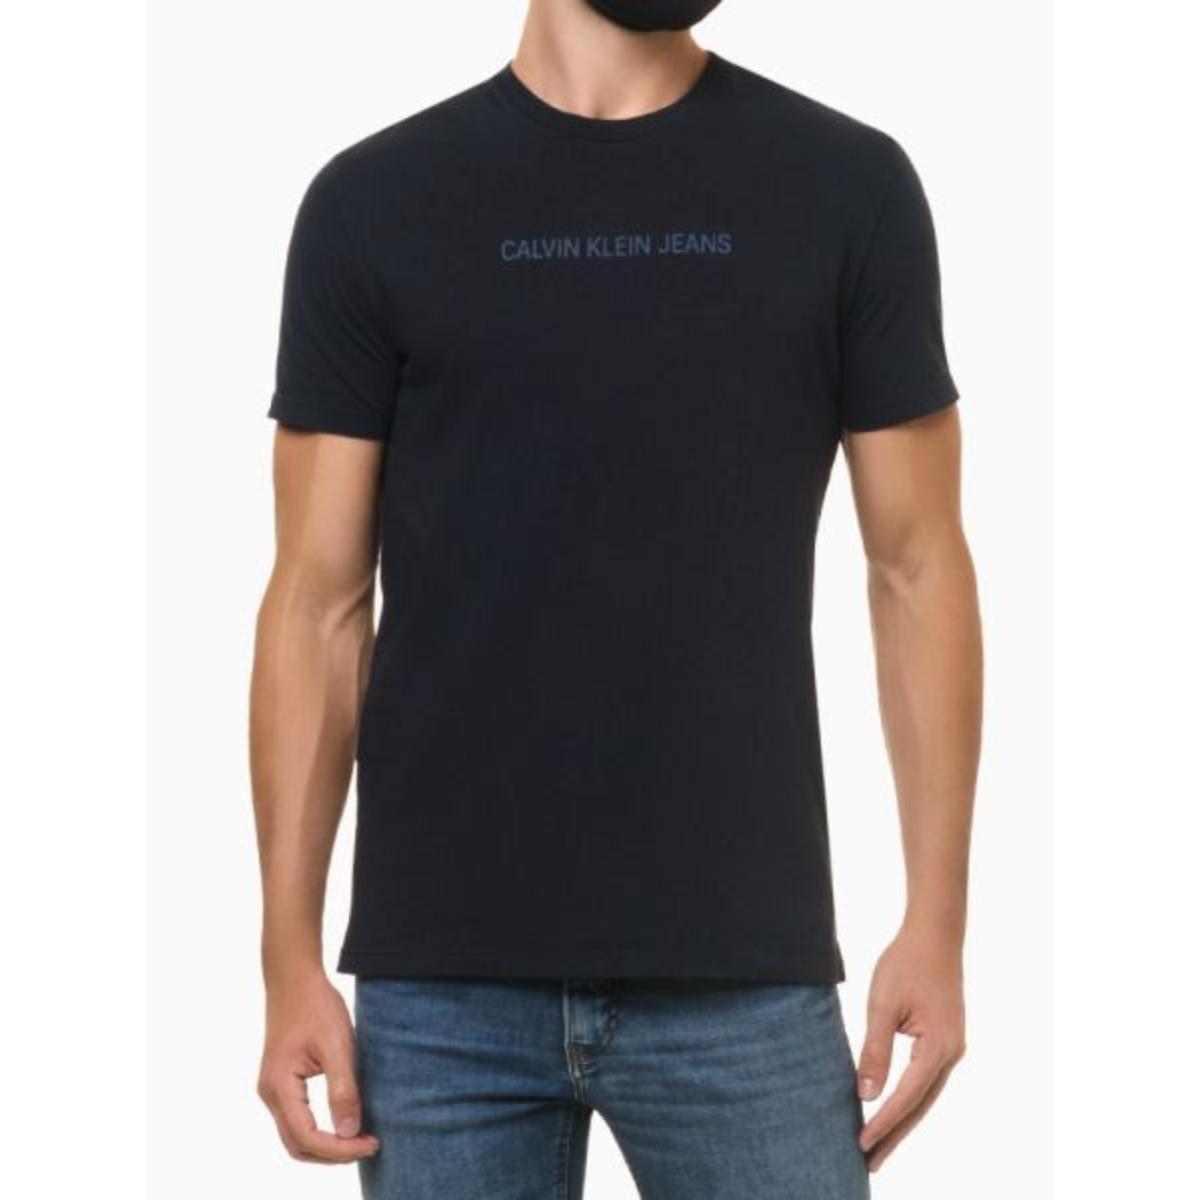 Camiseta Masculina Calvin Klein Ckjm106 Marinho